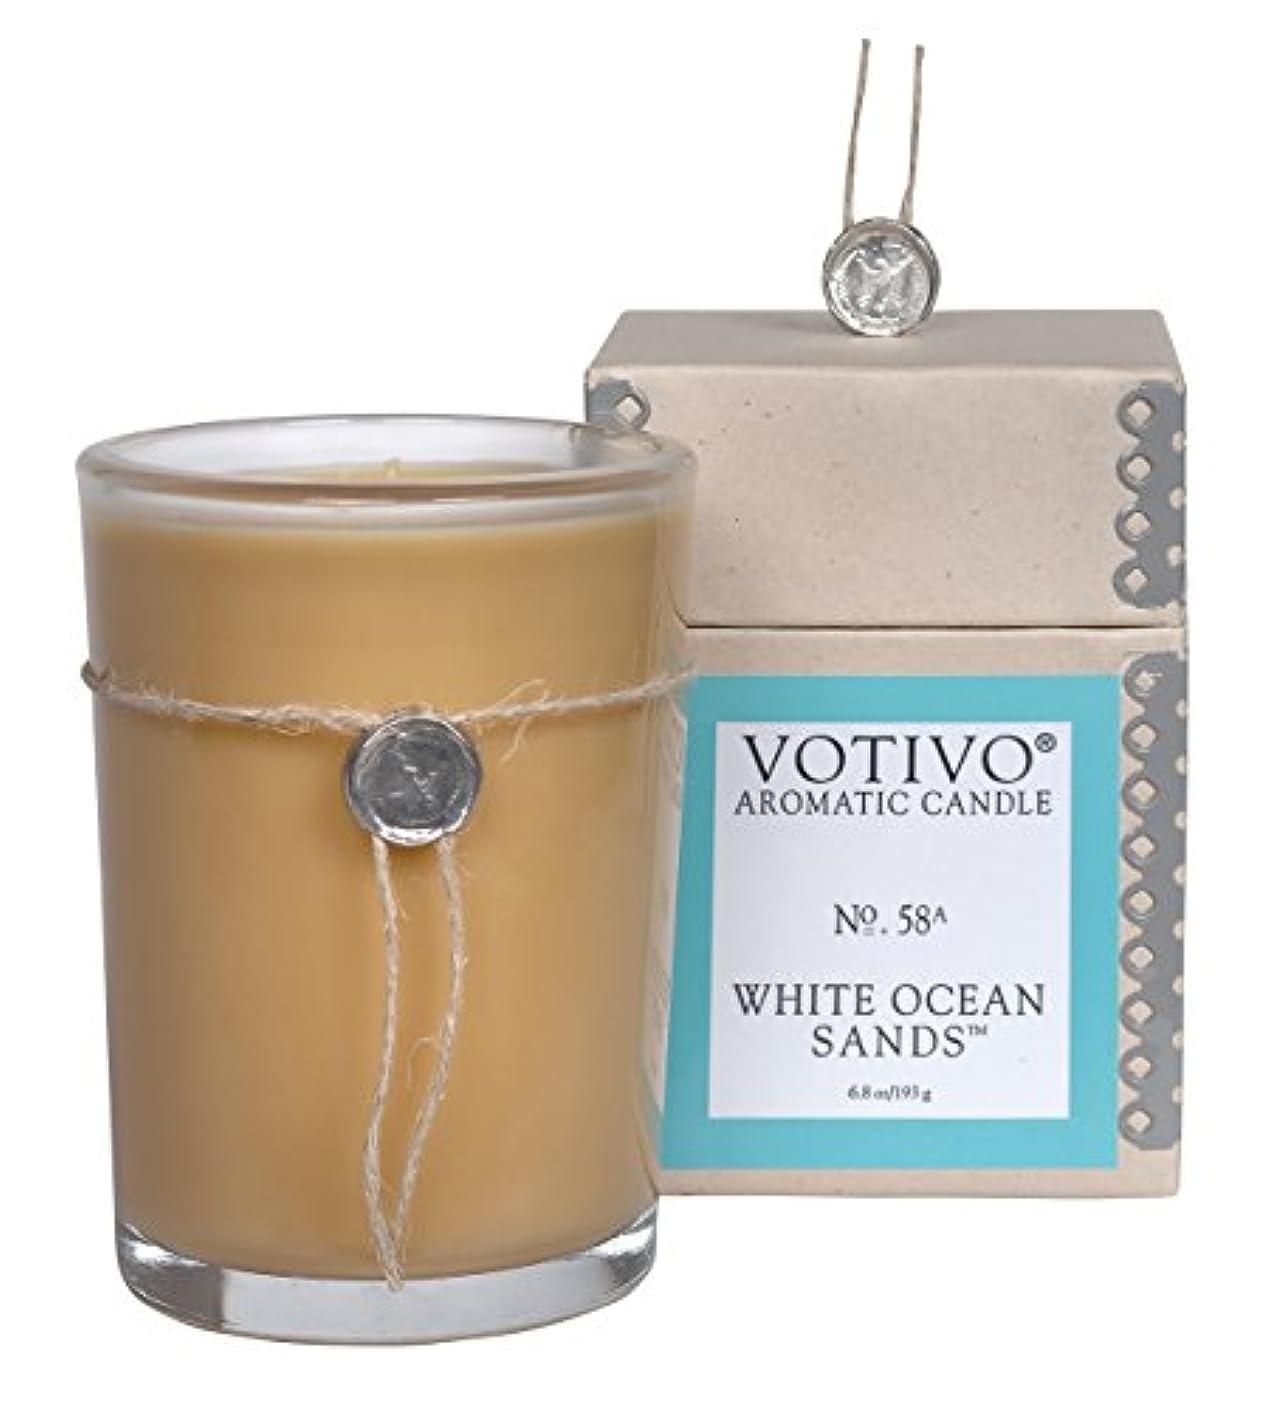 聡明秀でる普通のVOTIVO アロマティック グラスキャンドル ホワイトオーシャンサ